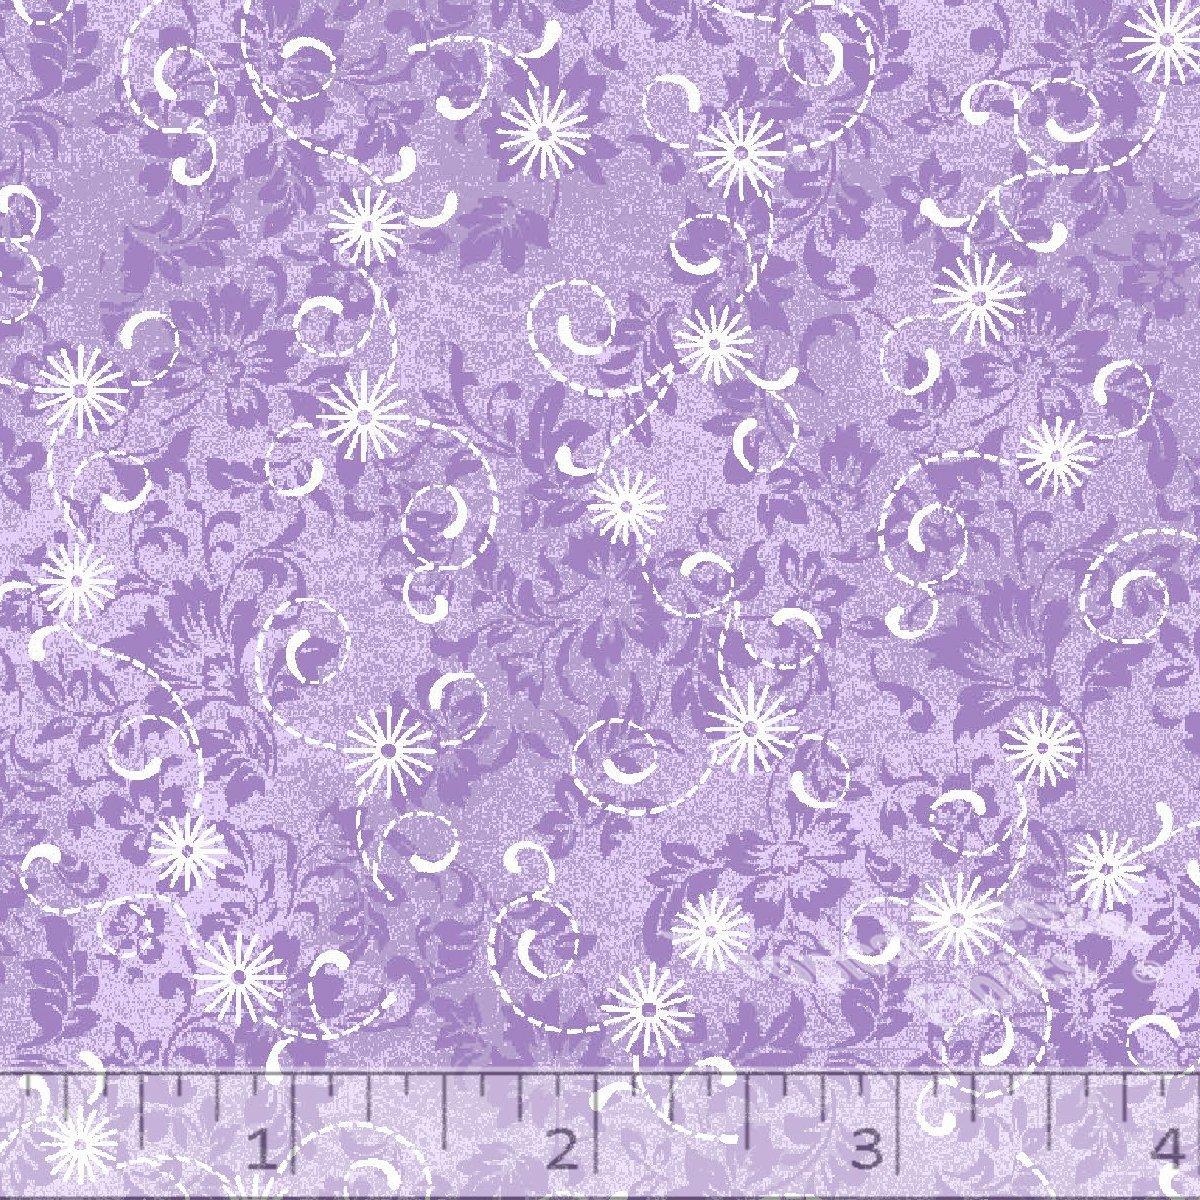 Lavender Eyelet Print